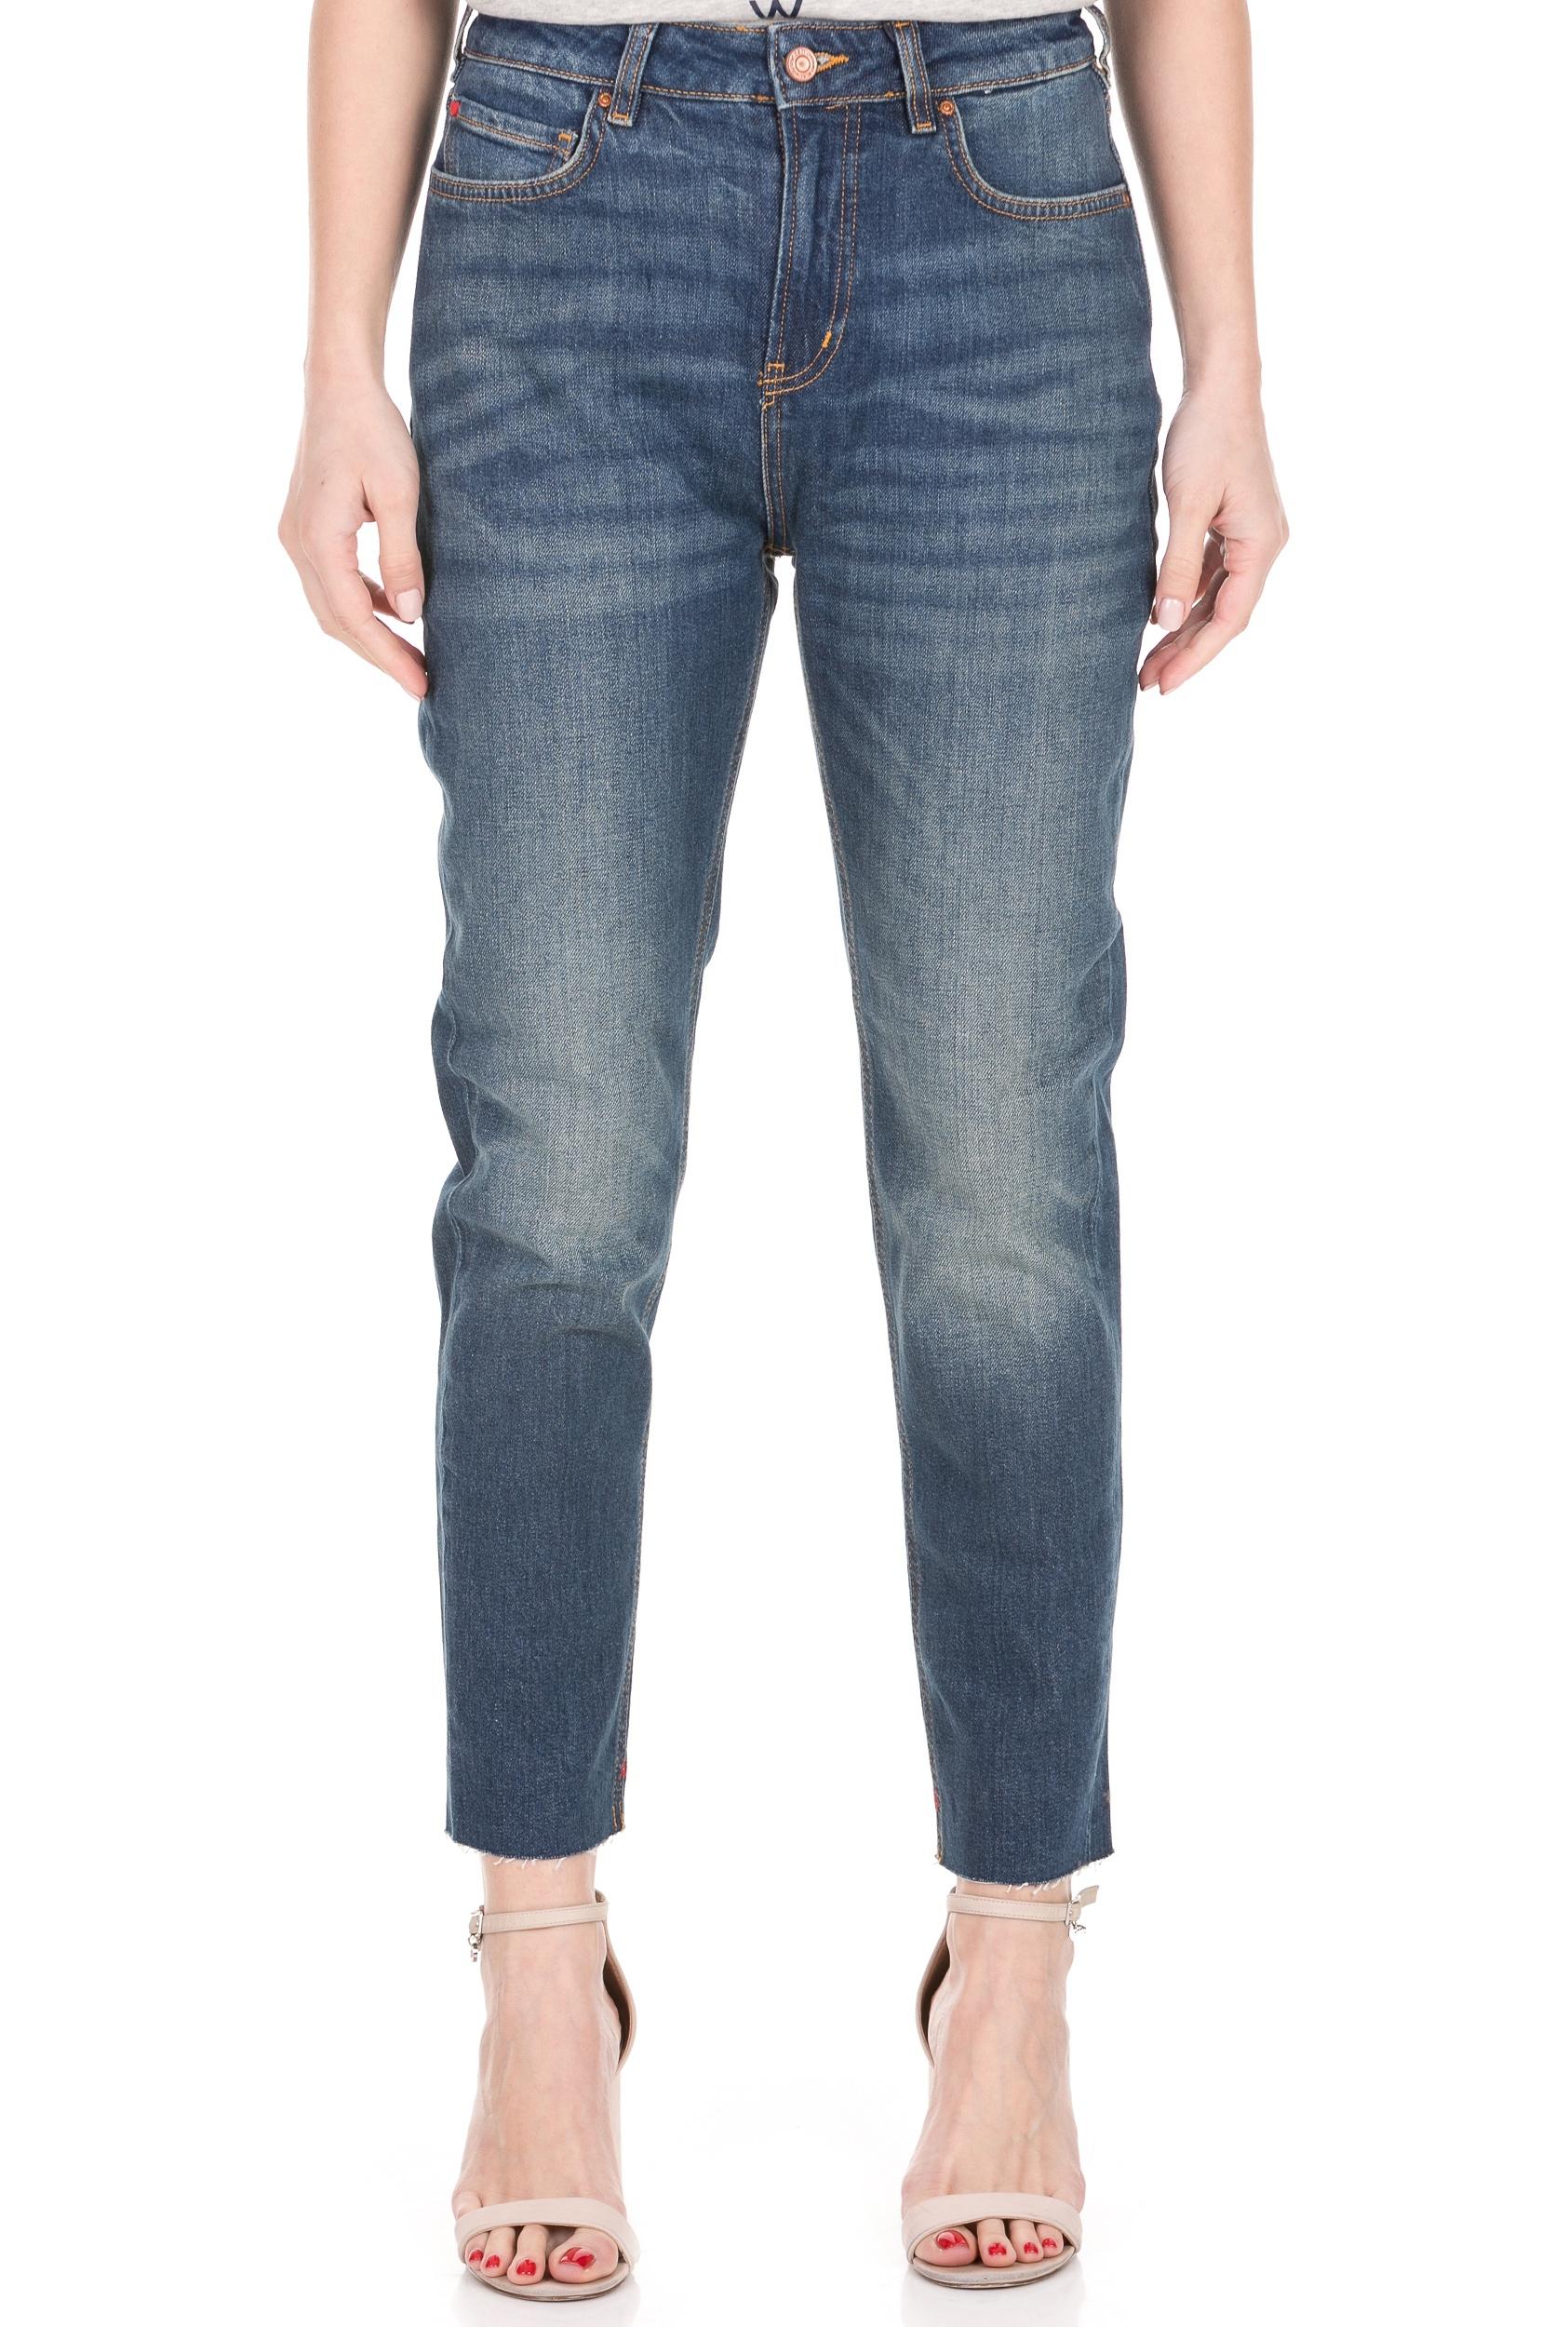 SCOTCH & SODA - Γυναικείο jean παντελόνι SCOTCH & SODA μπλε